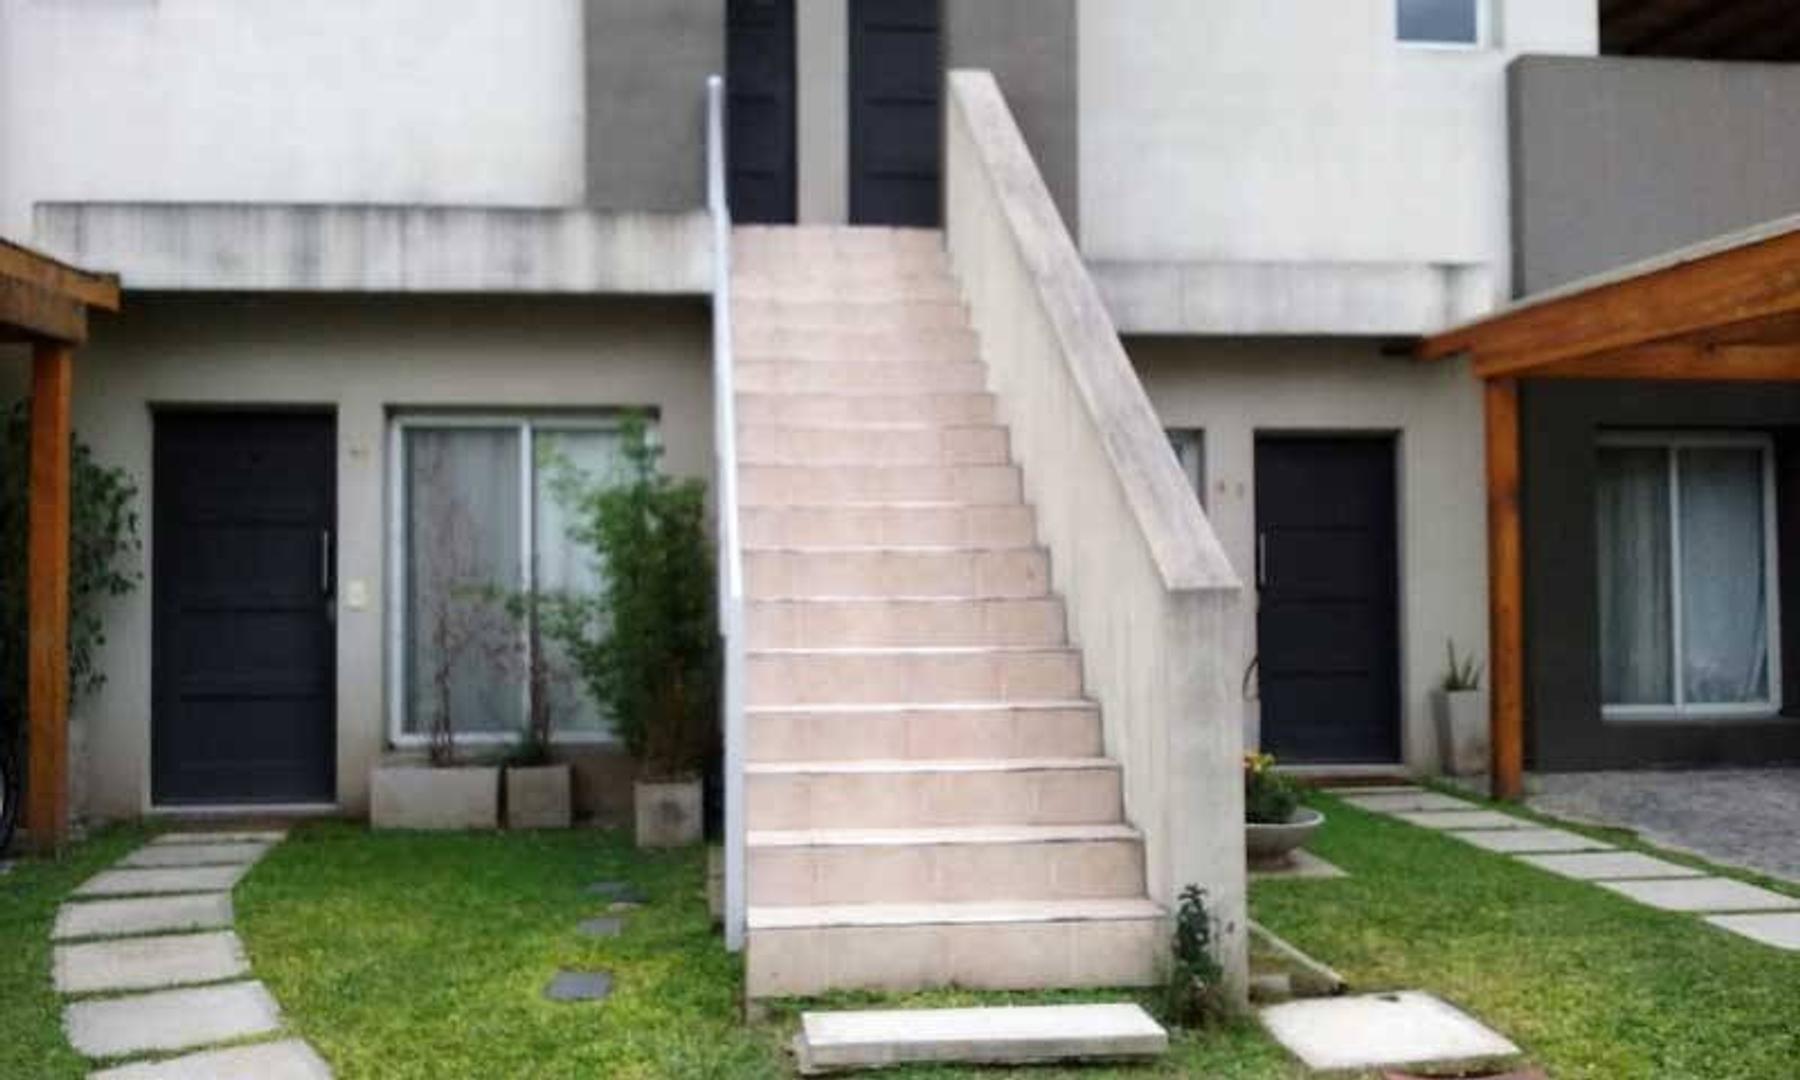 Venta de Departamento tipo duplex en El Palmar - Nordelta